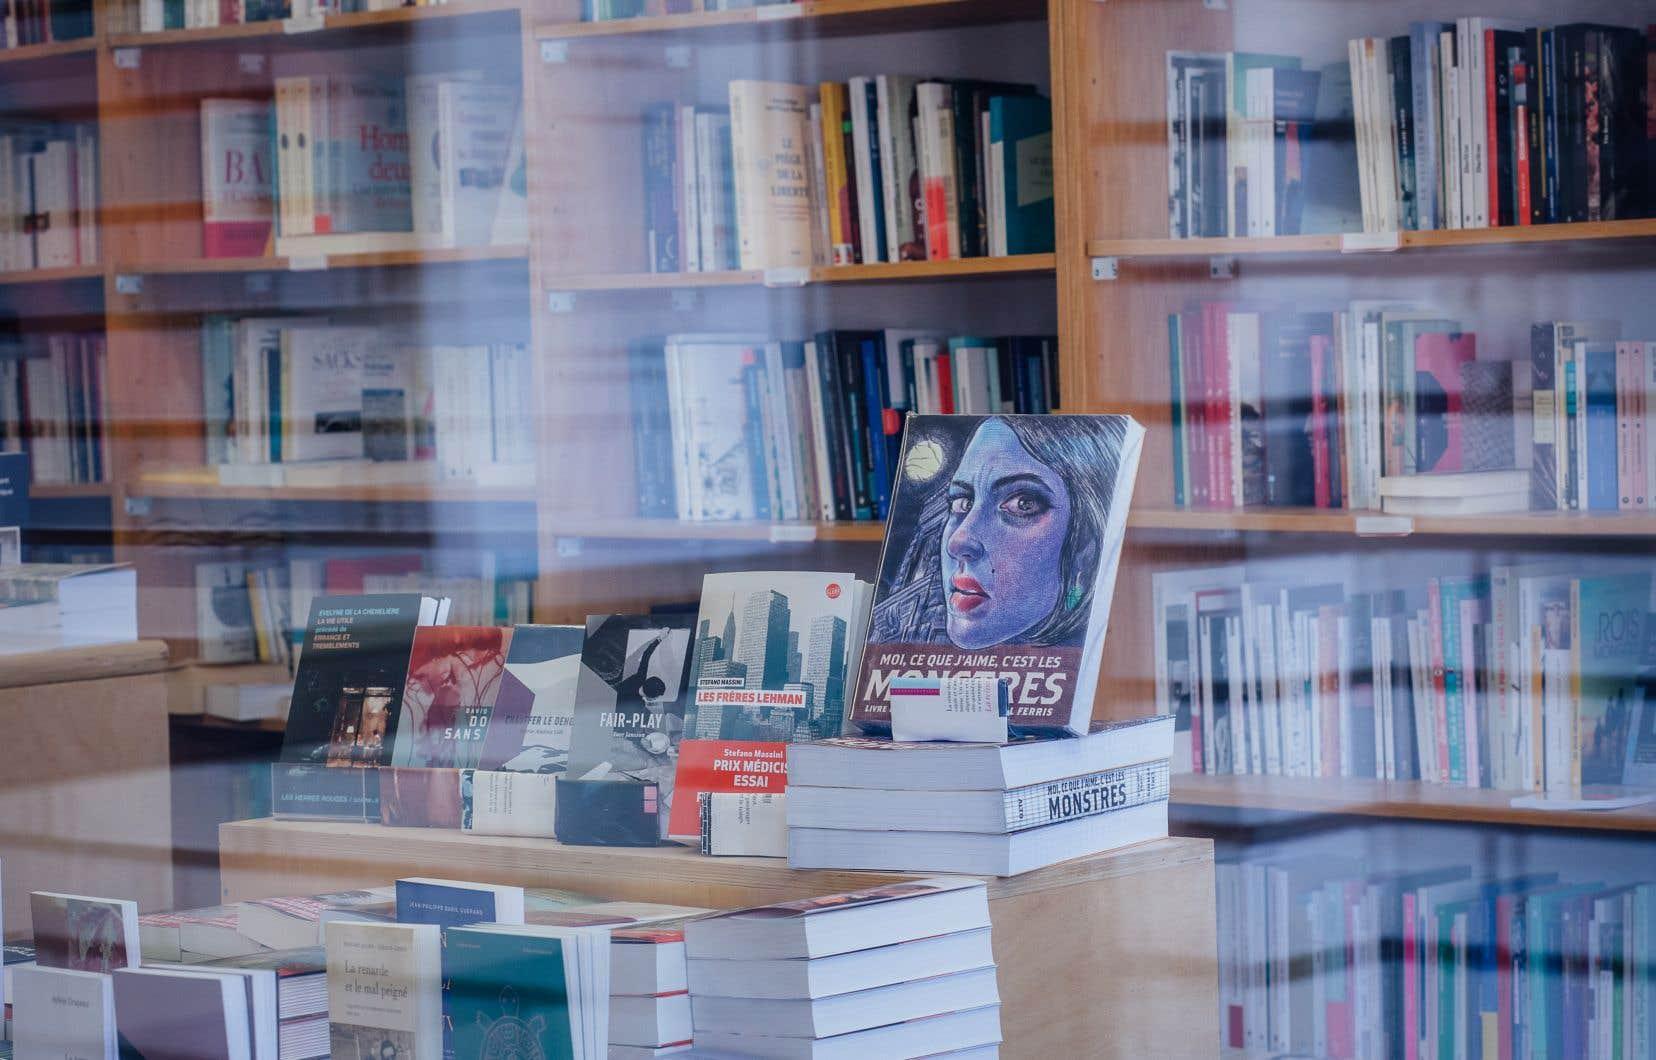 La librairie L'écume des jours à Montréal. Si leurs ventes ont explosé durant la pandémie, les librairies indépendantes voient leur chiffre d'affaires grugé par le coût de la livraison des commandes en ligne.